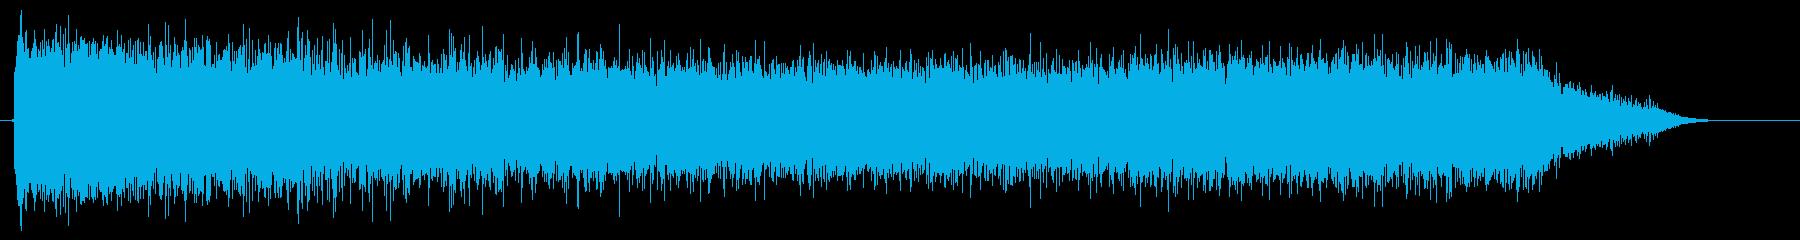 コーヒー粉砕用アタッチメント:コー...の再生済みの波形